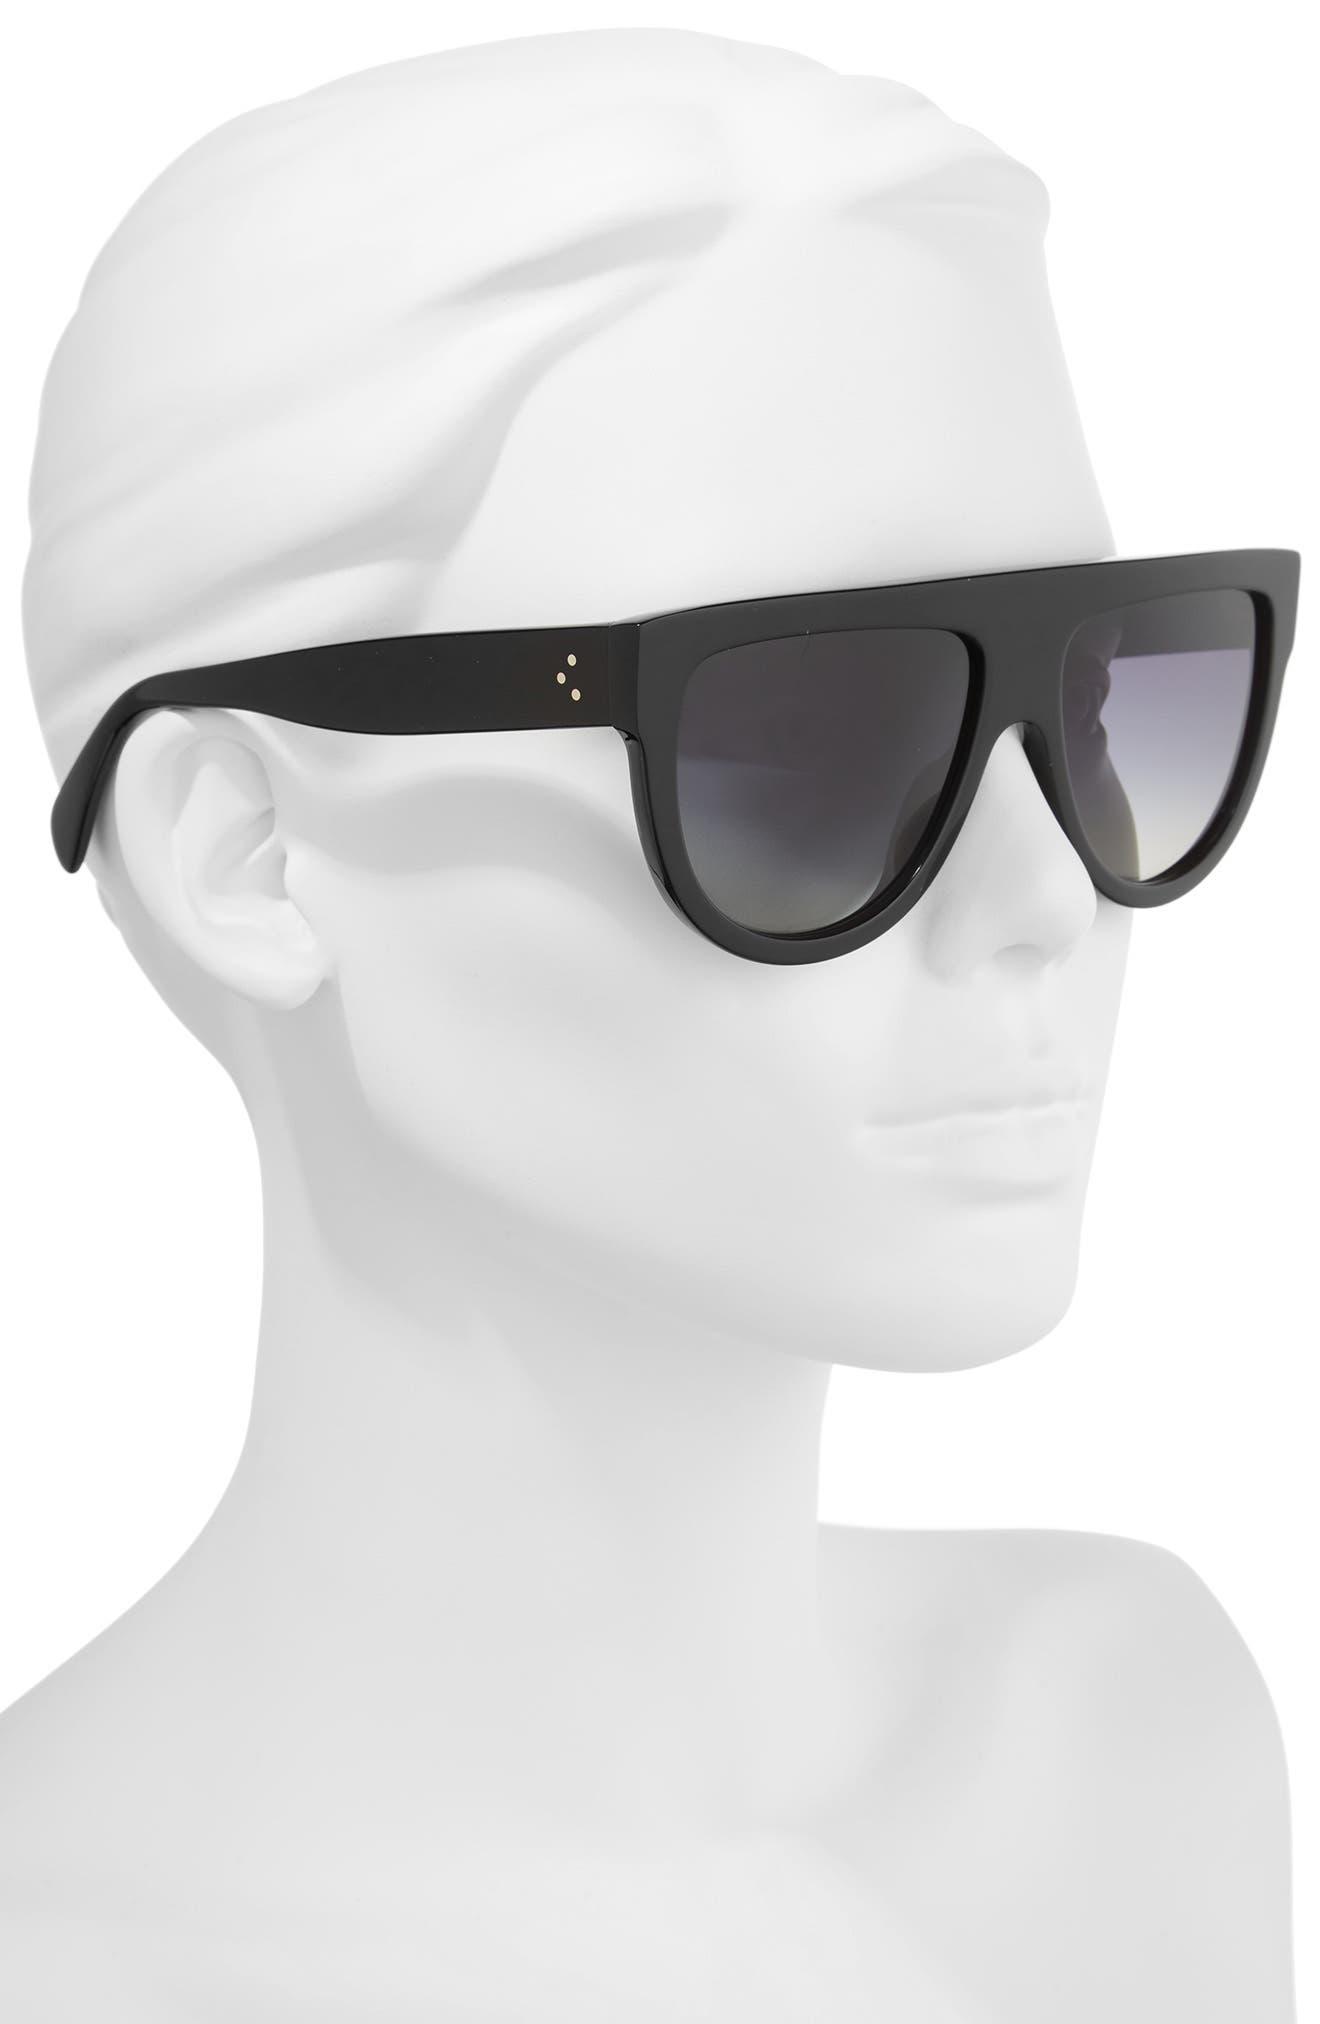 58mm Pilot Sunglasses,                             Alternate thumbnail 2, color,                             BLACK/ SMOKE